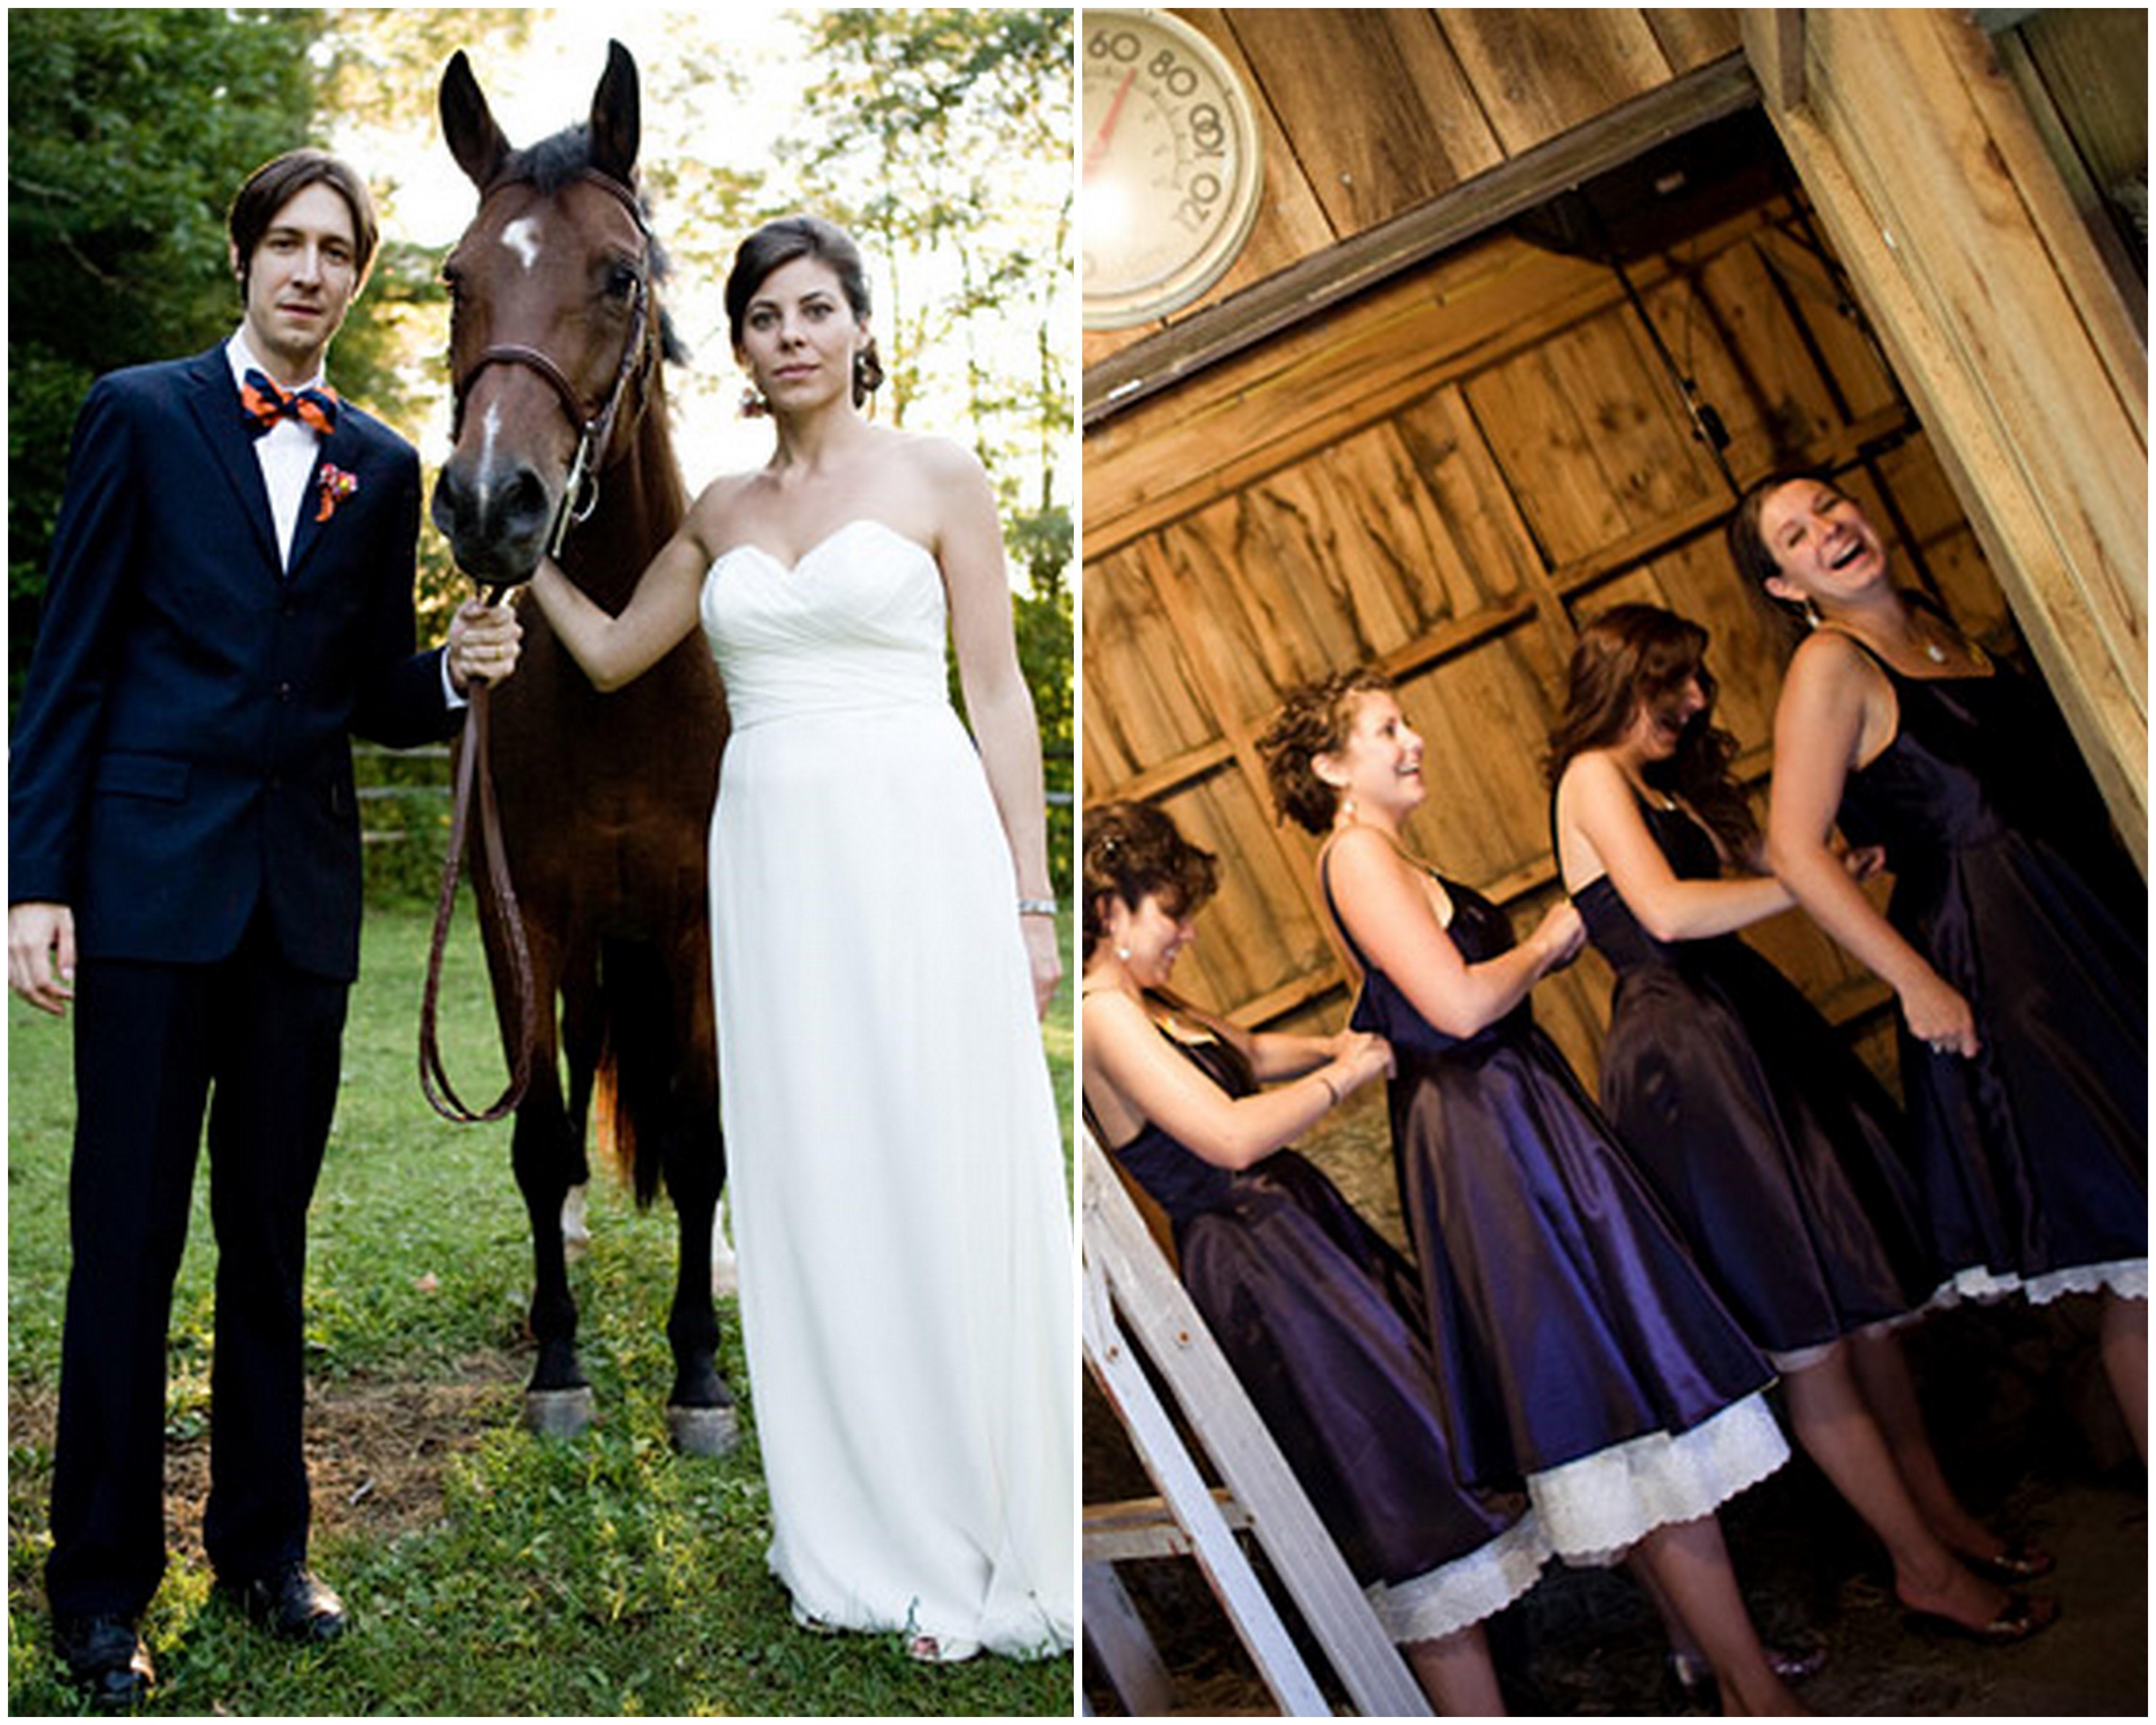 Cowboy Weddings Ideas: Cowboy Wedding